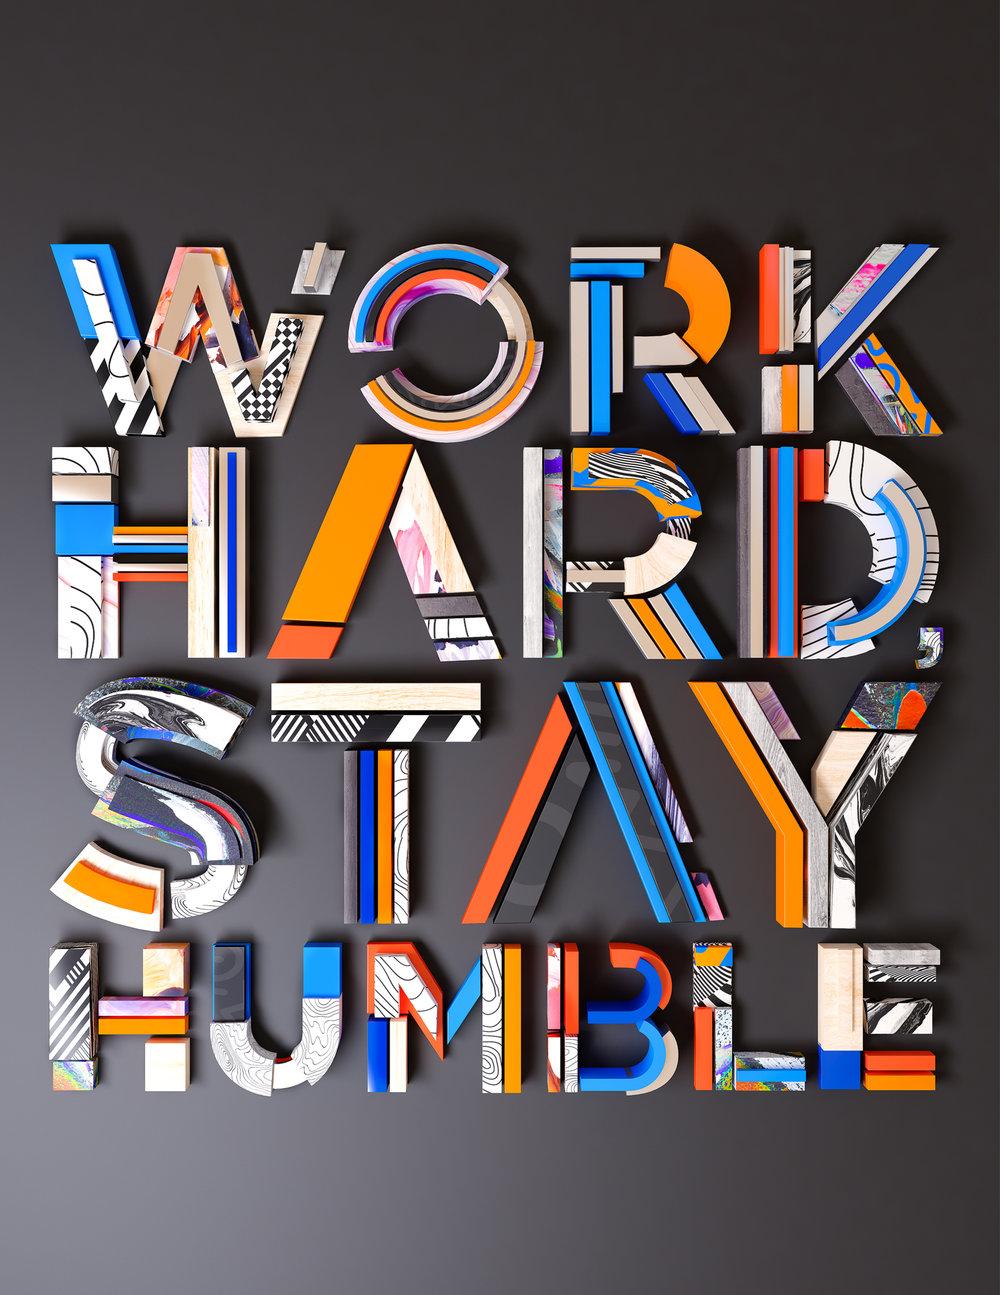 Ben_Fearnley_TDA_WorkHardStayHumble_Typography.jpg